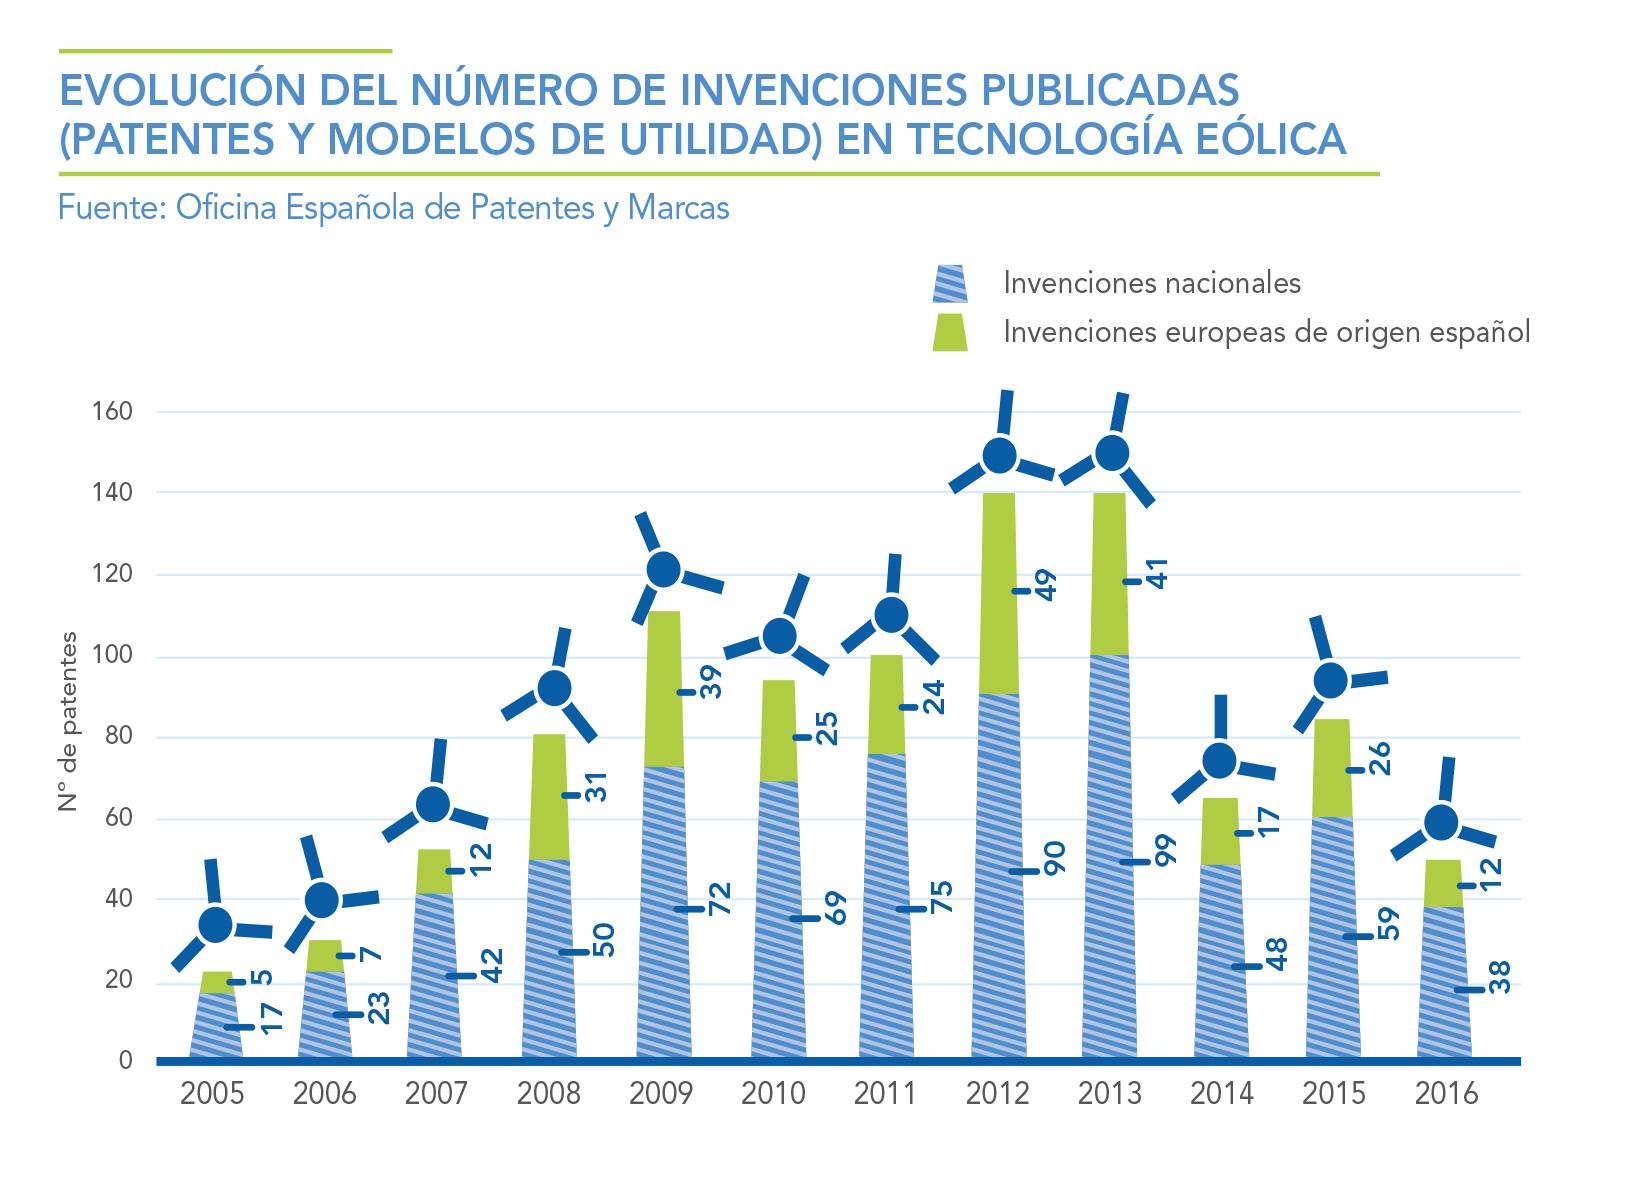 EVOLUCION-DEL-NUMERO-DE-INVENCIONES-PUBLICADAS-PATENTES-Y-MODELOS-DE-UTILIDAD-EN-LA-TECNOLOGA-EOLICA